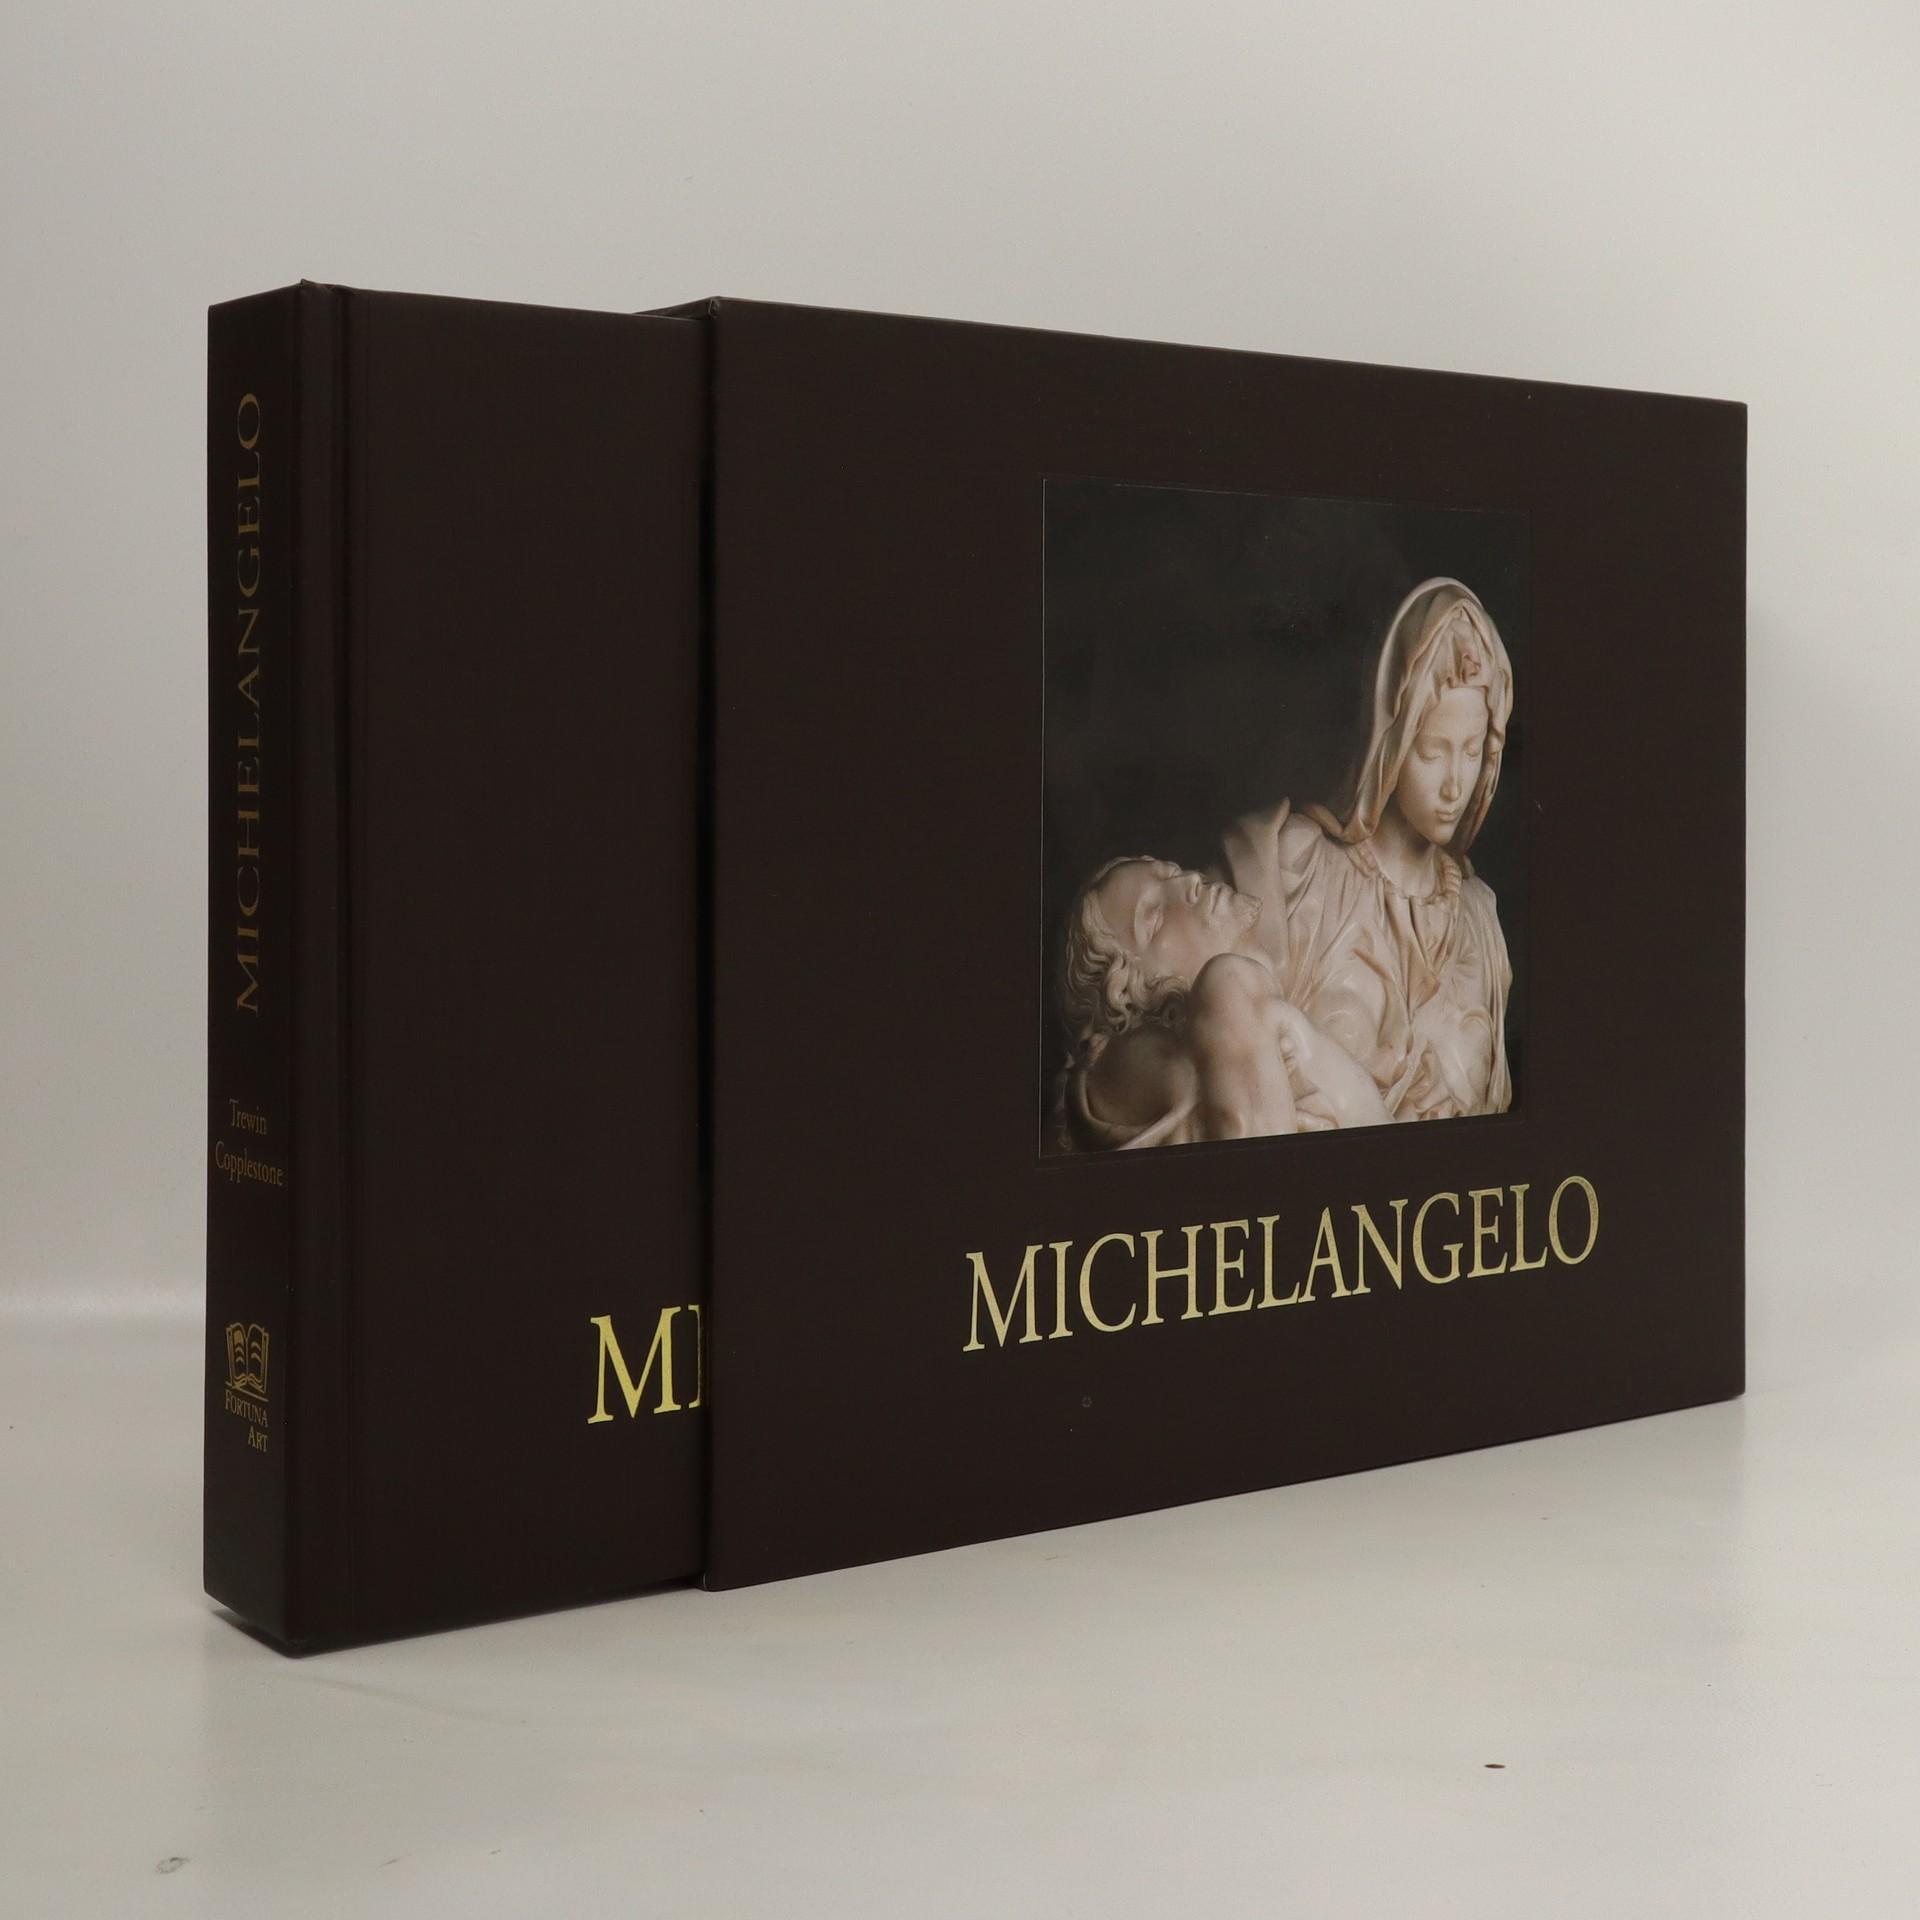 antikvární kniha Michelangelo, 2007